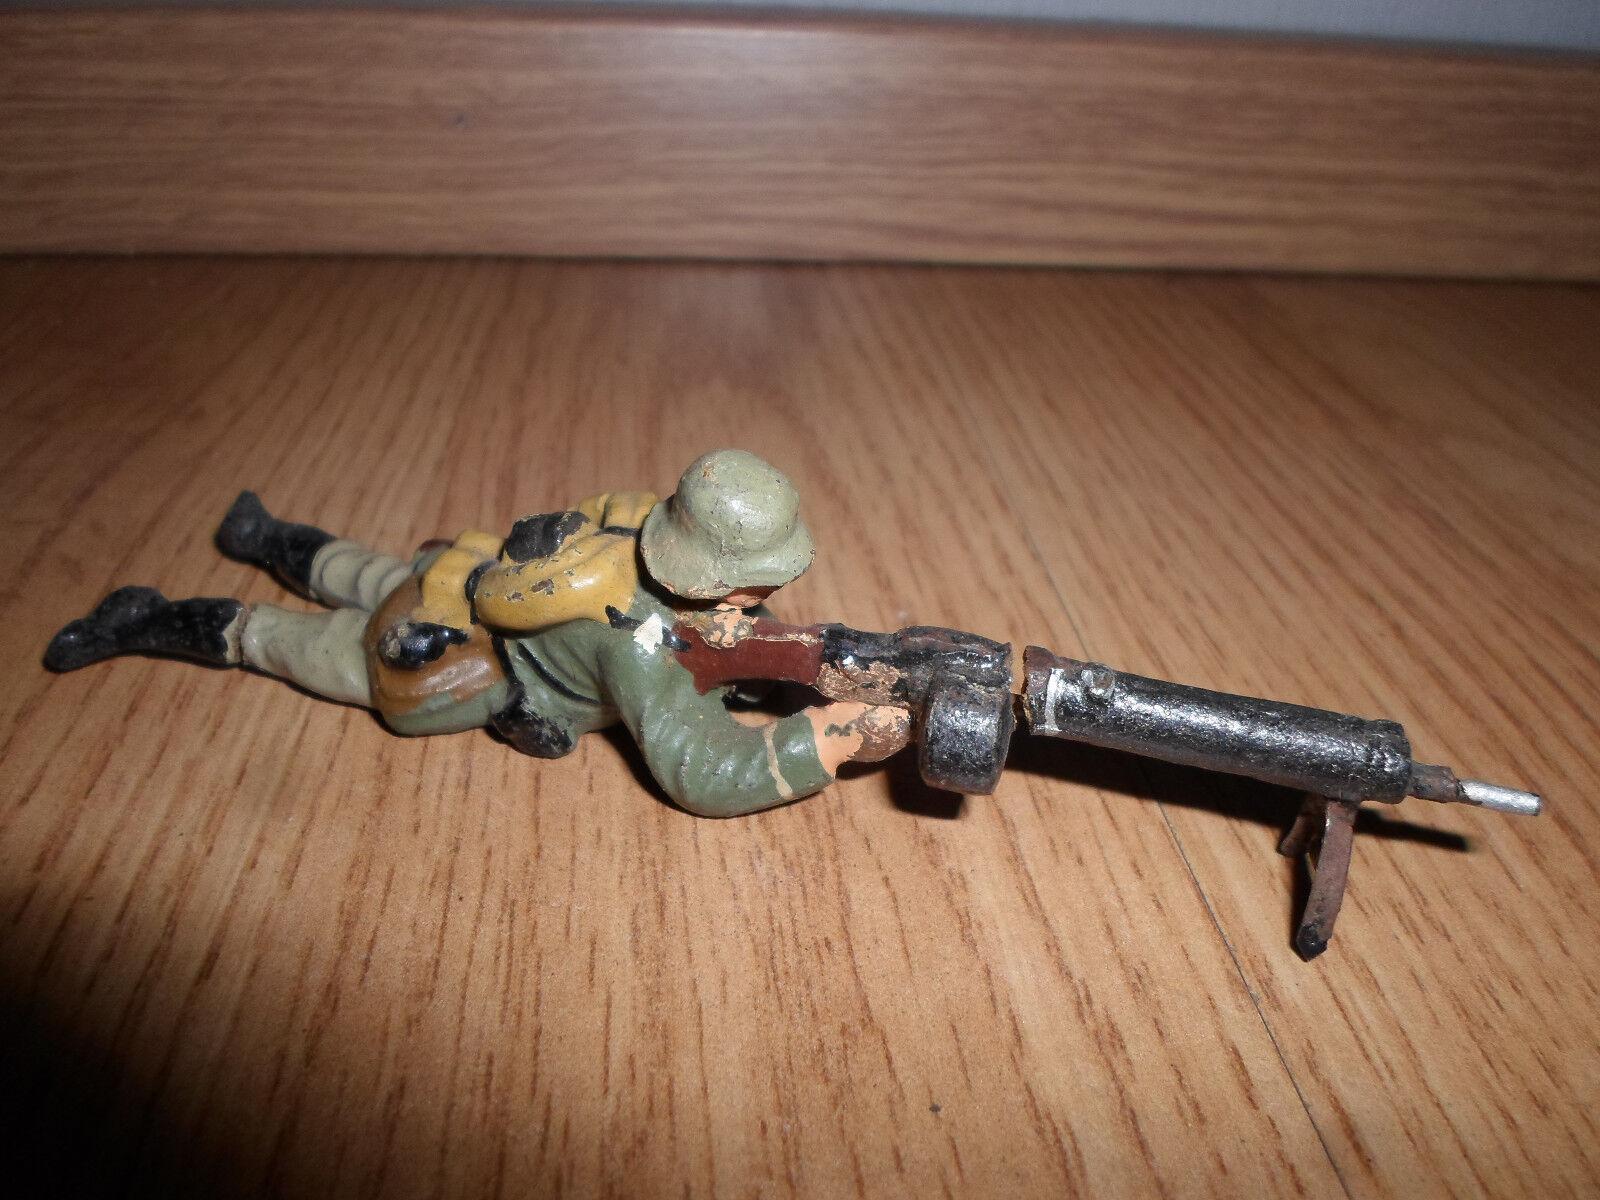 För krig ELASTOLIN LINEOL Tysk soldat med maskingevär, trumtidning WWII